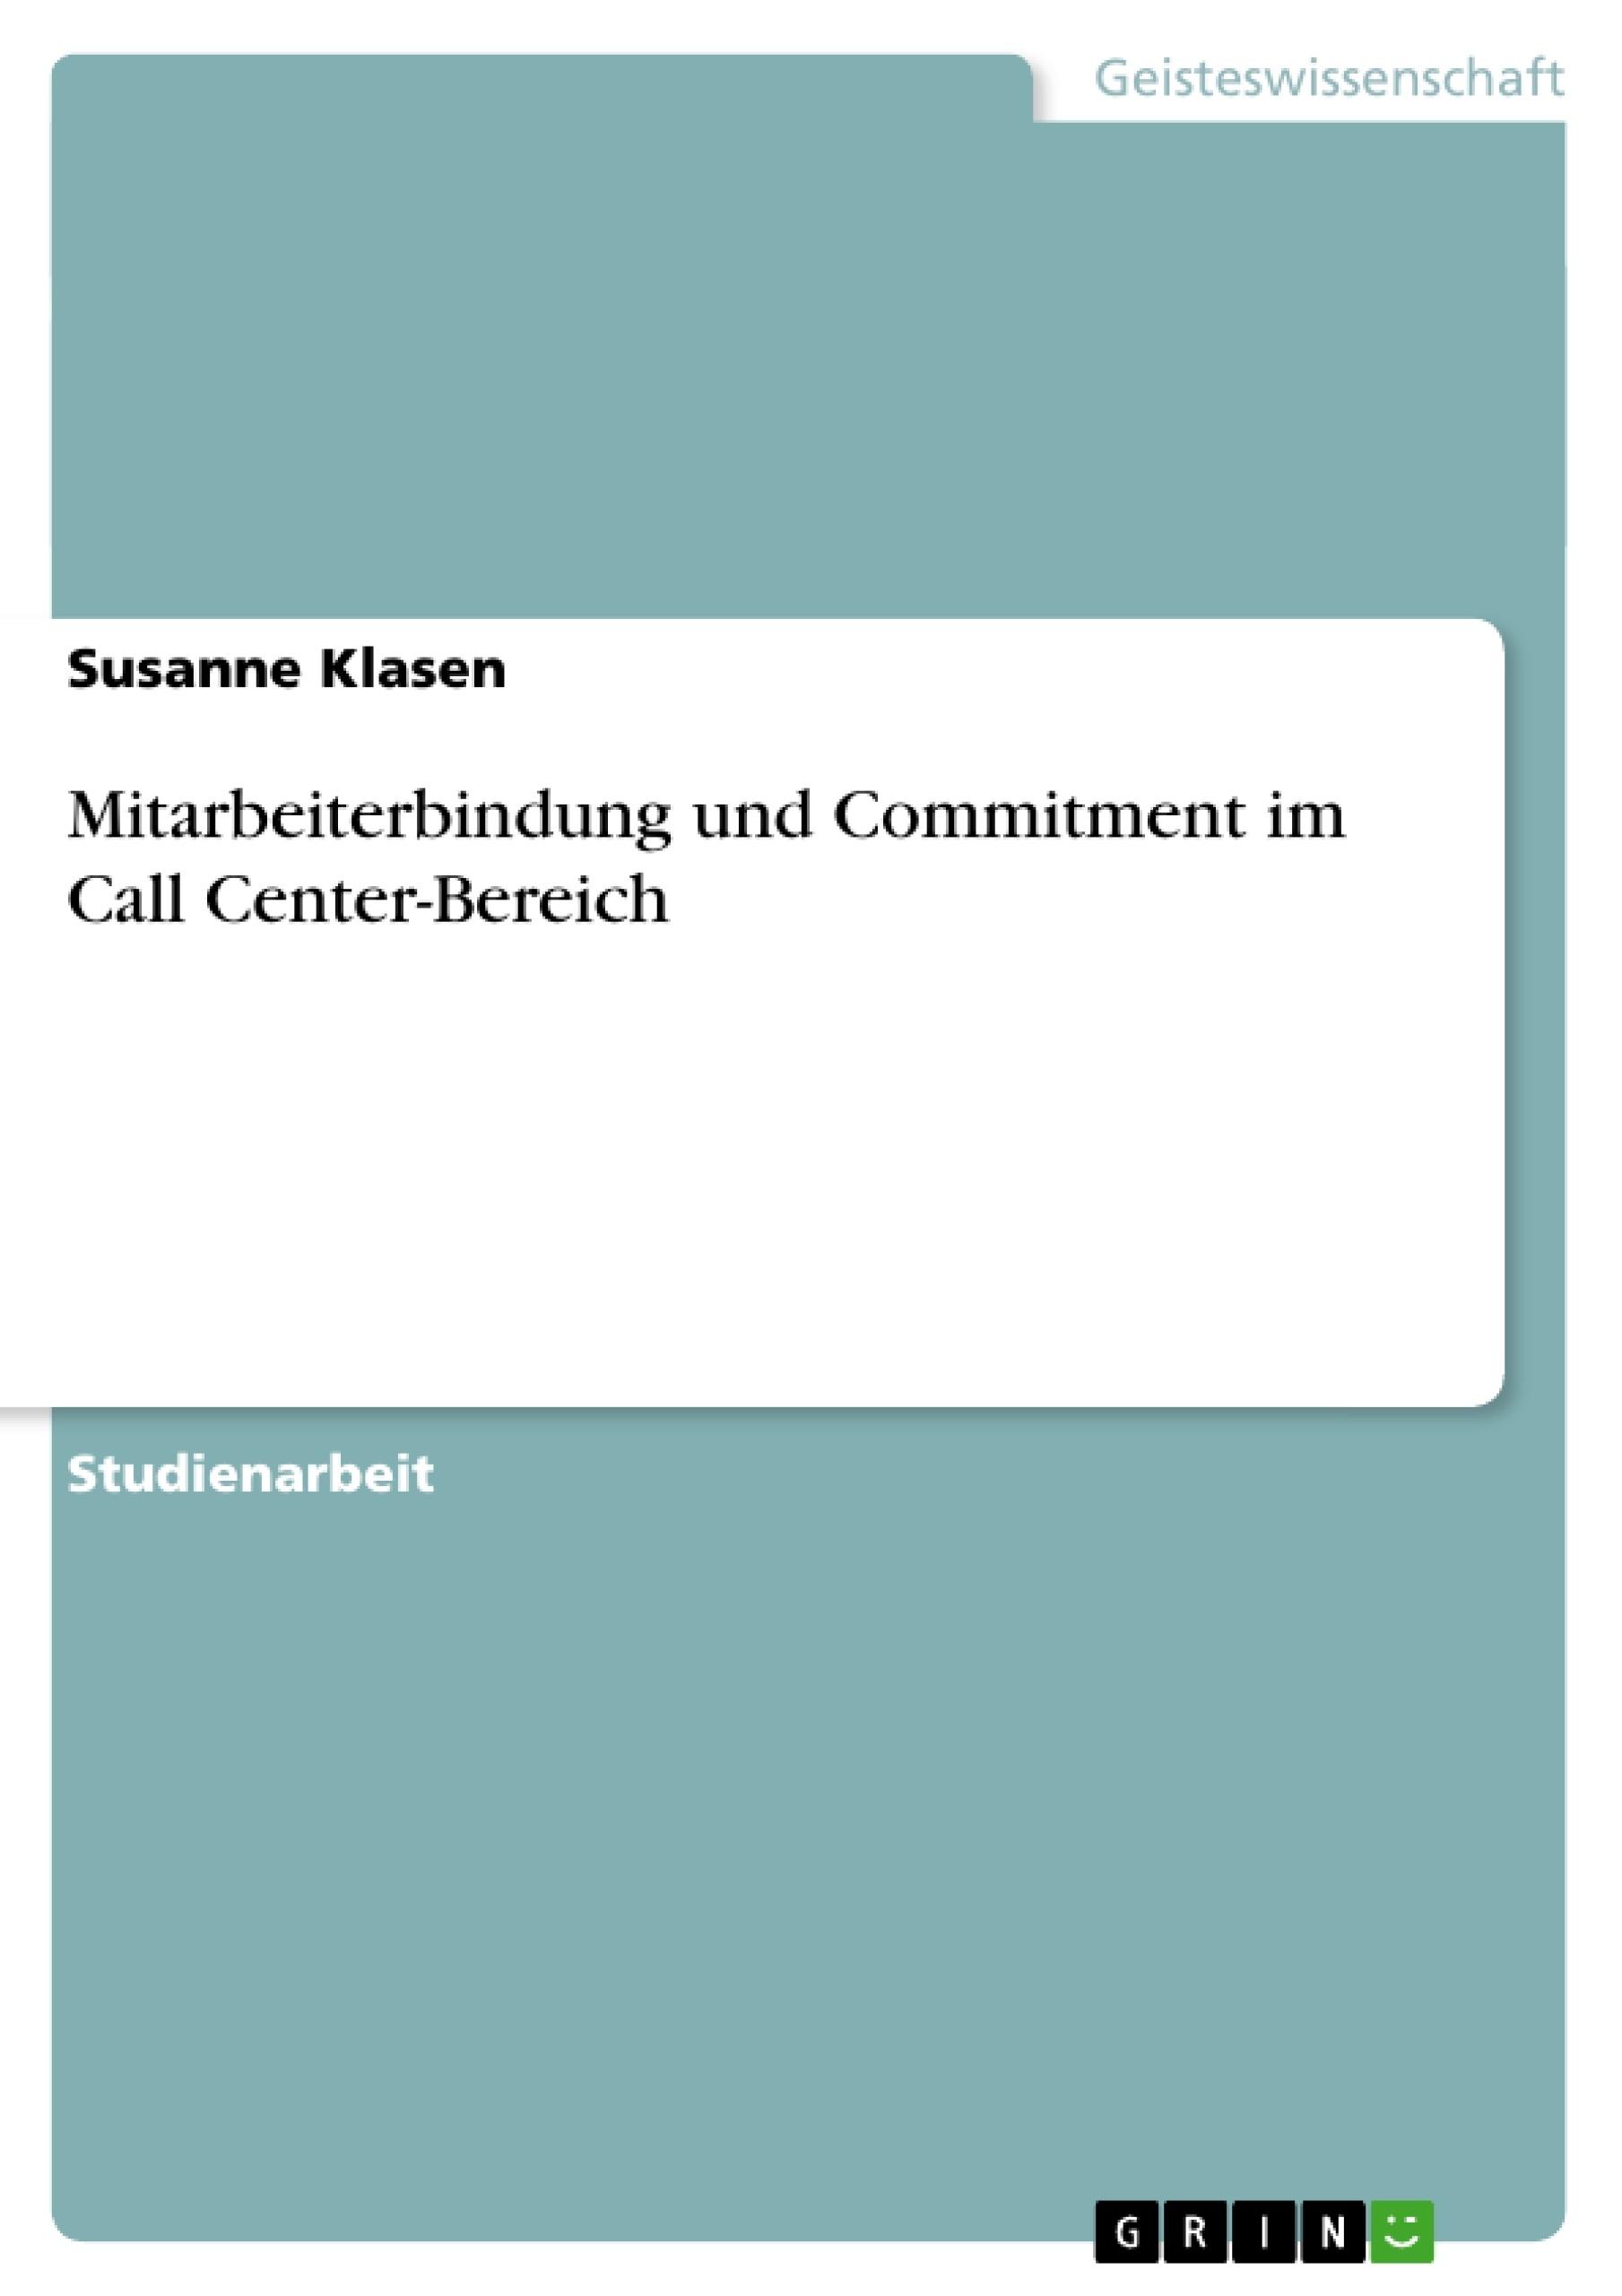 Titel: Mitarbeiterbindung und Commitment im Call Center-Bereich